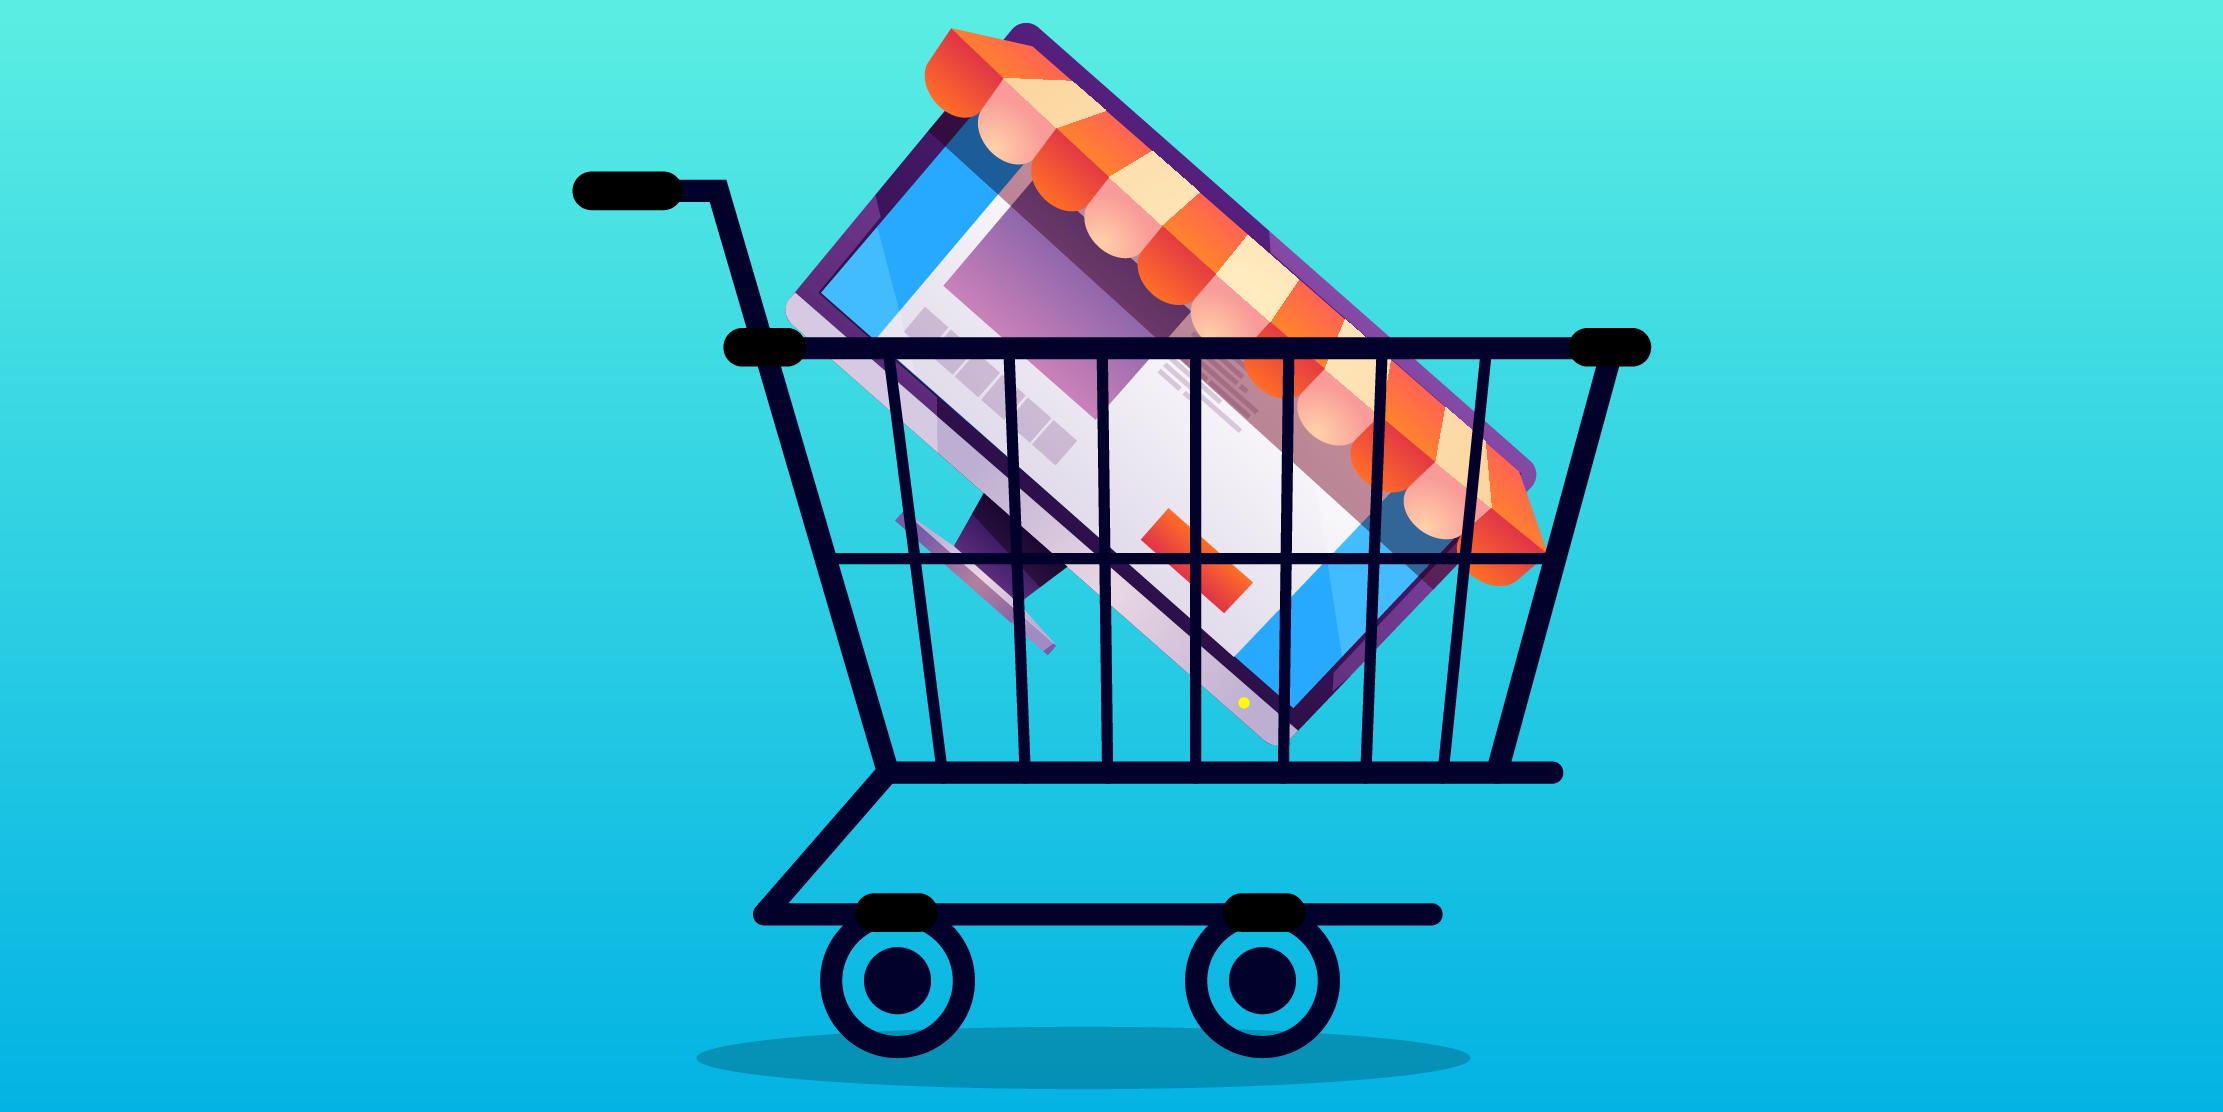 Come gestire un ecommerce: consigli per una partenza ben equipaggiata